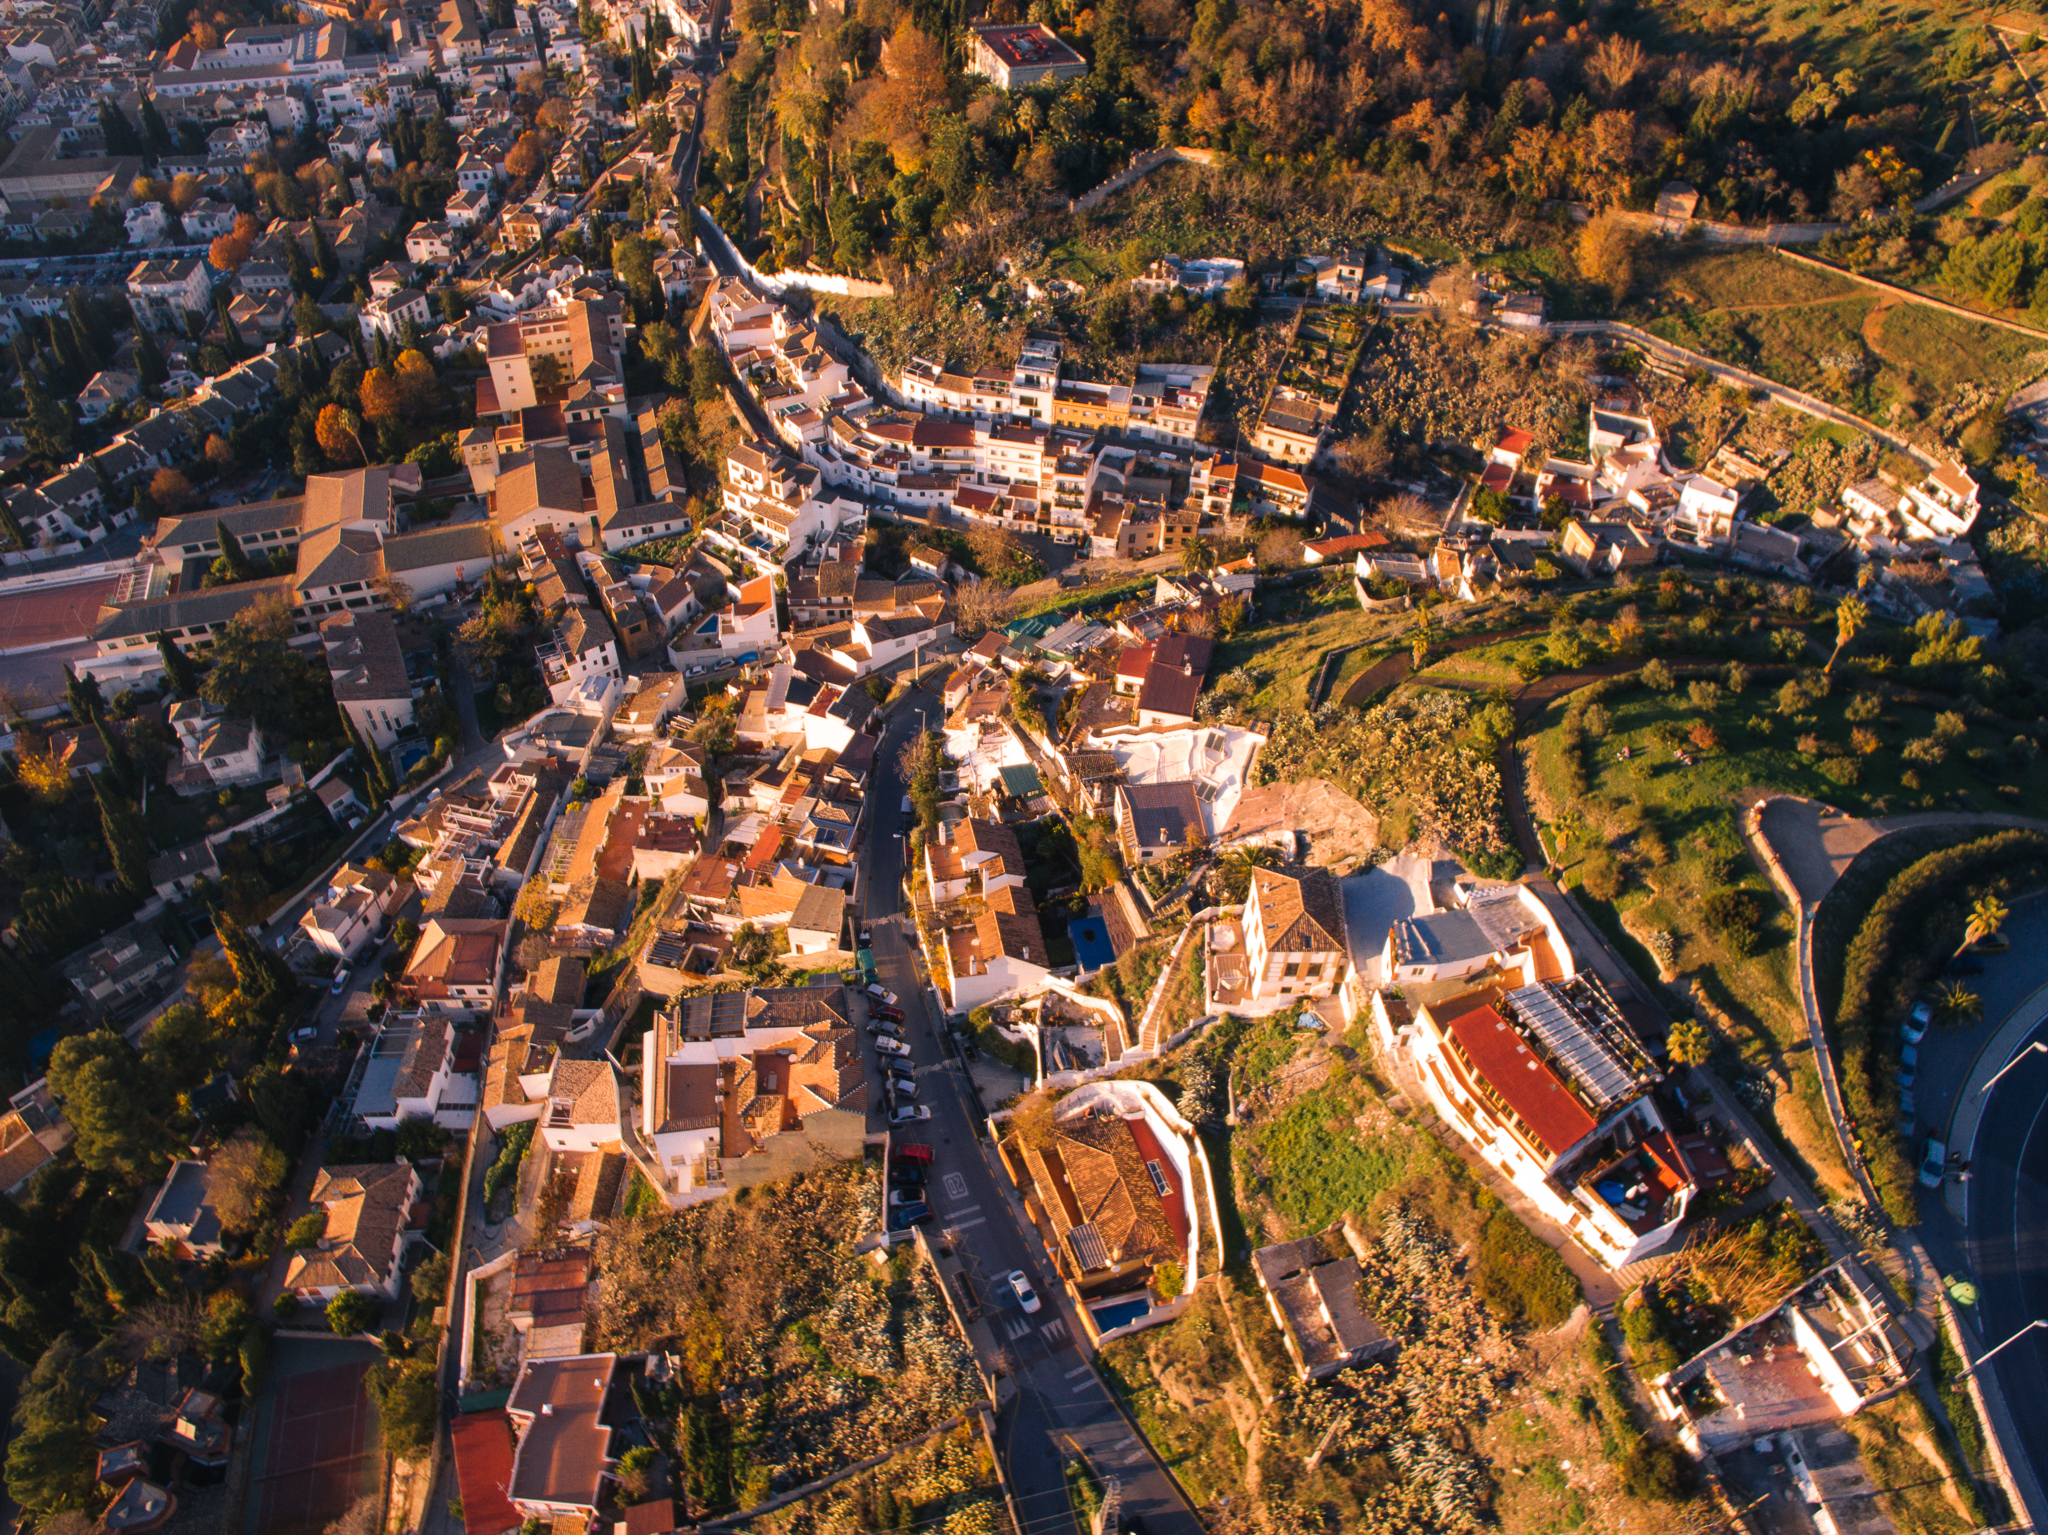 BarrancoDelAbogado_Drone_0004.jpg